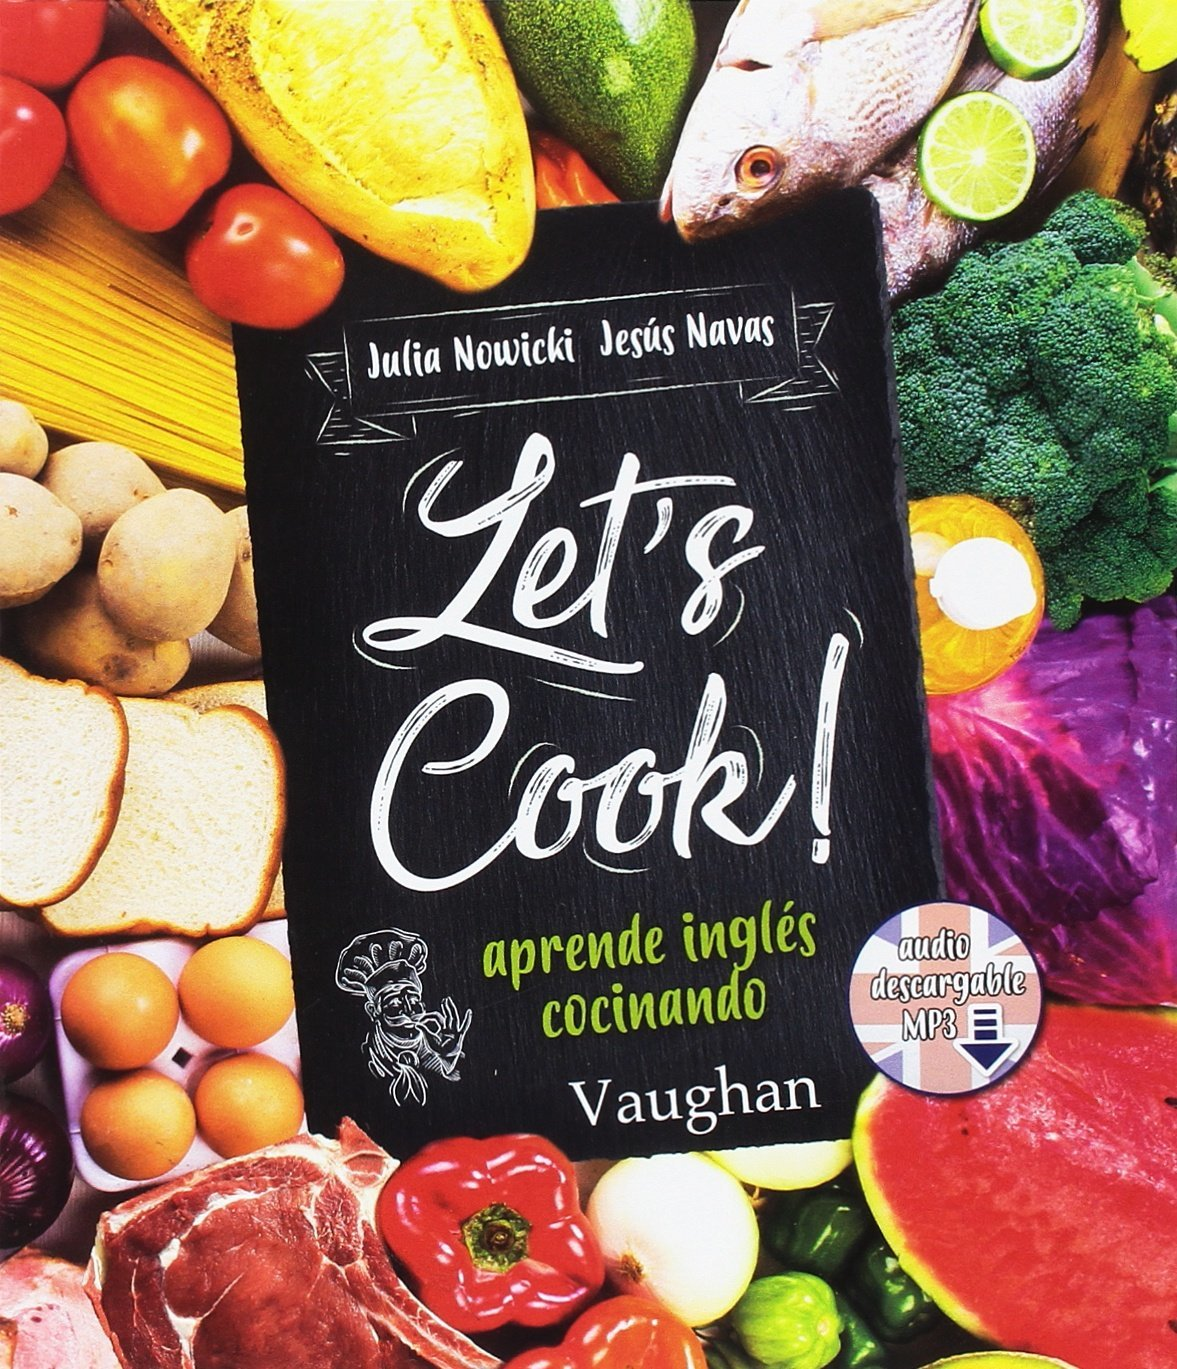 Julia Nowicki y Jesús Navas han diseñado un recetario bilingüe...